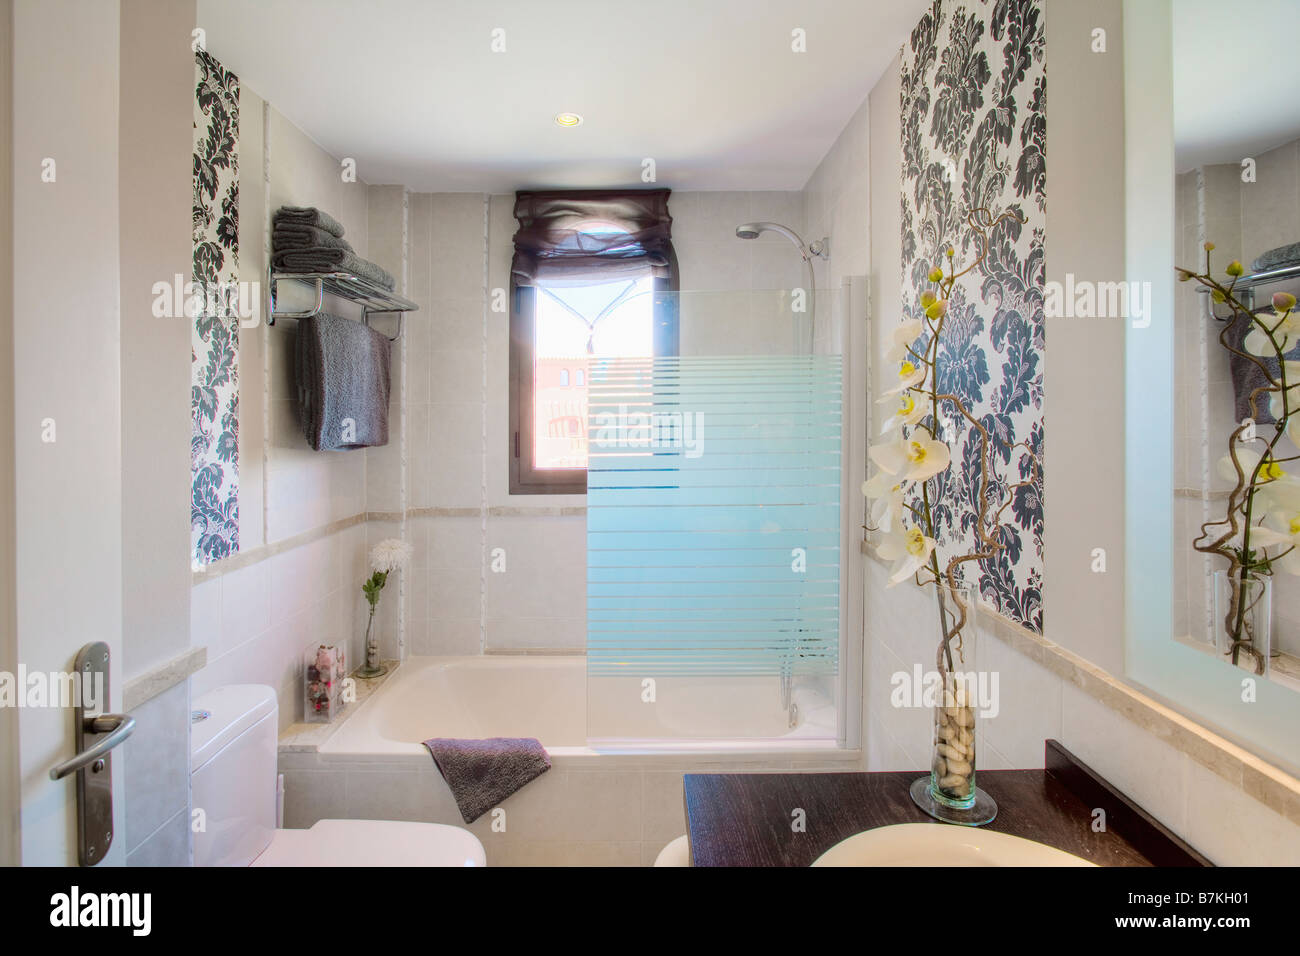 Docce Su Vasca Da Bagno : Piccolo bagno moderno con vetro opaco schermo doccia su vasca da